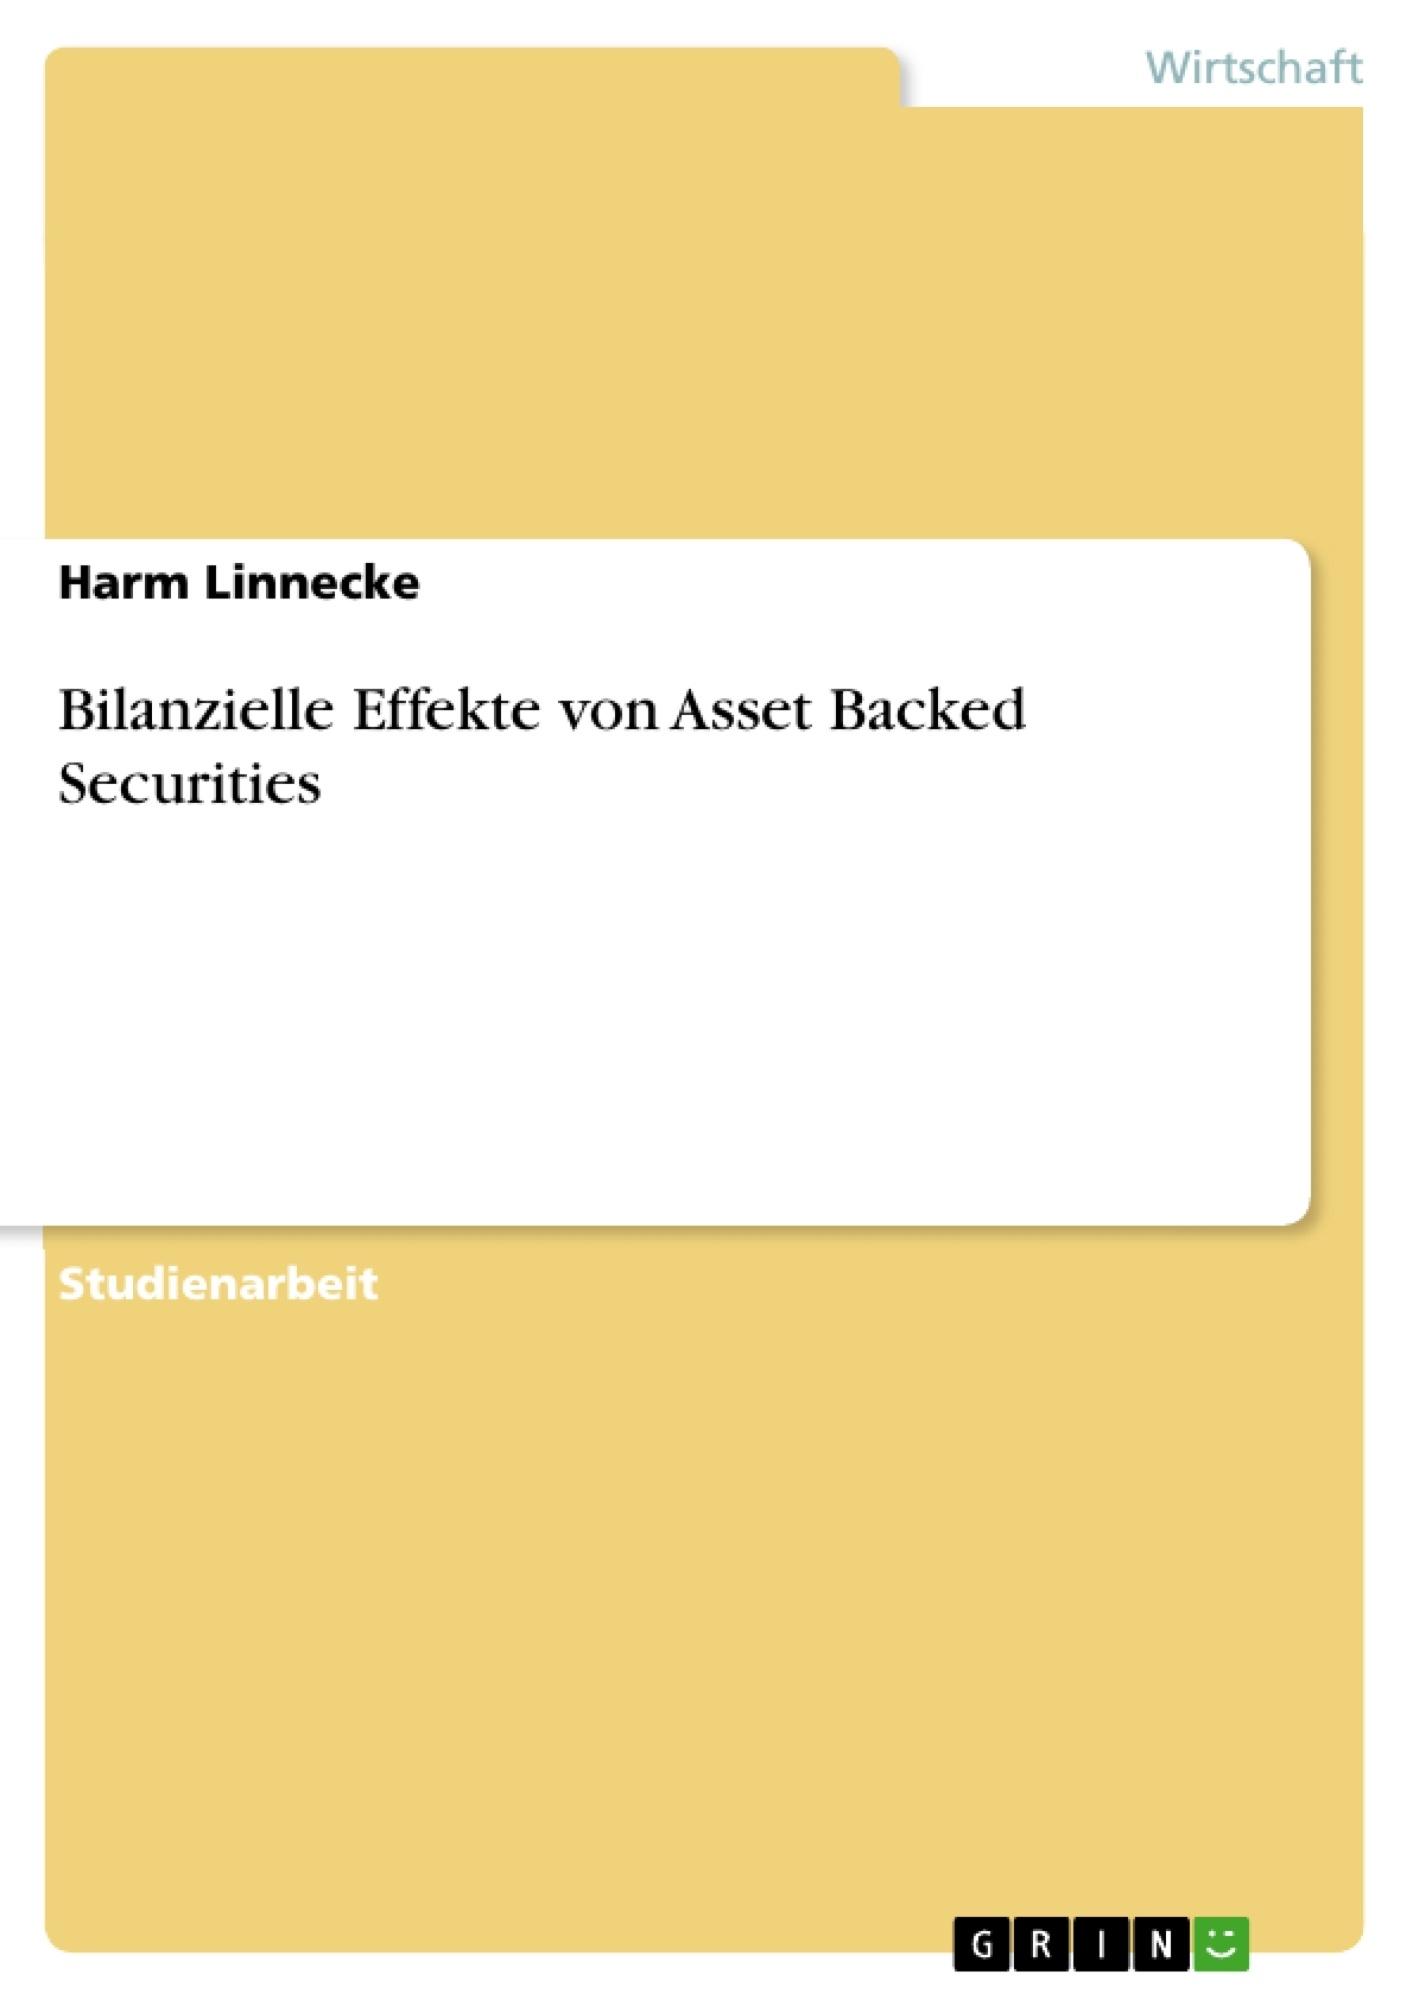 Titel: Bilanzielle Effekte von Asset Backed Securities